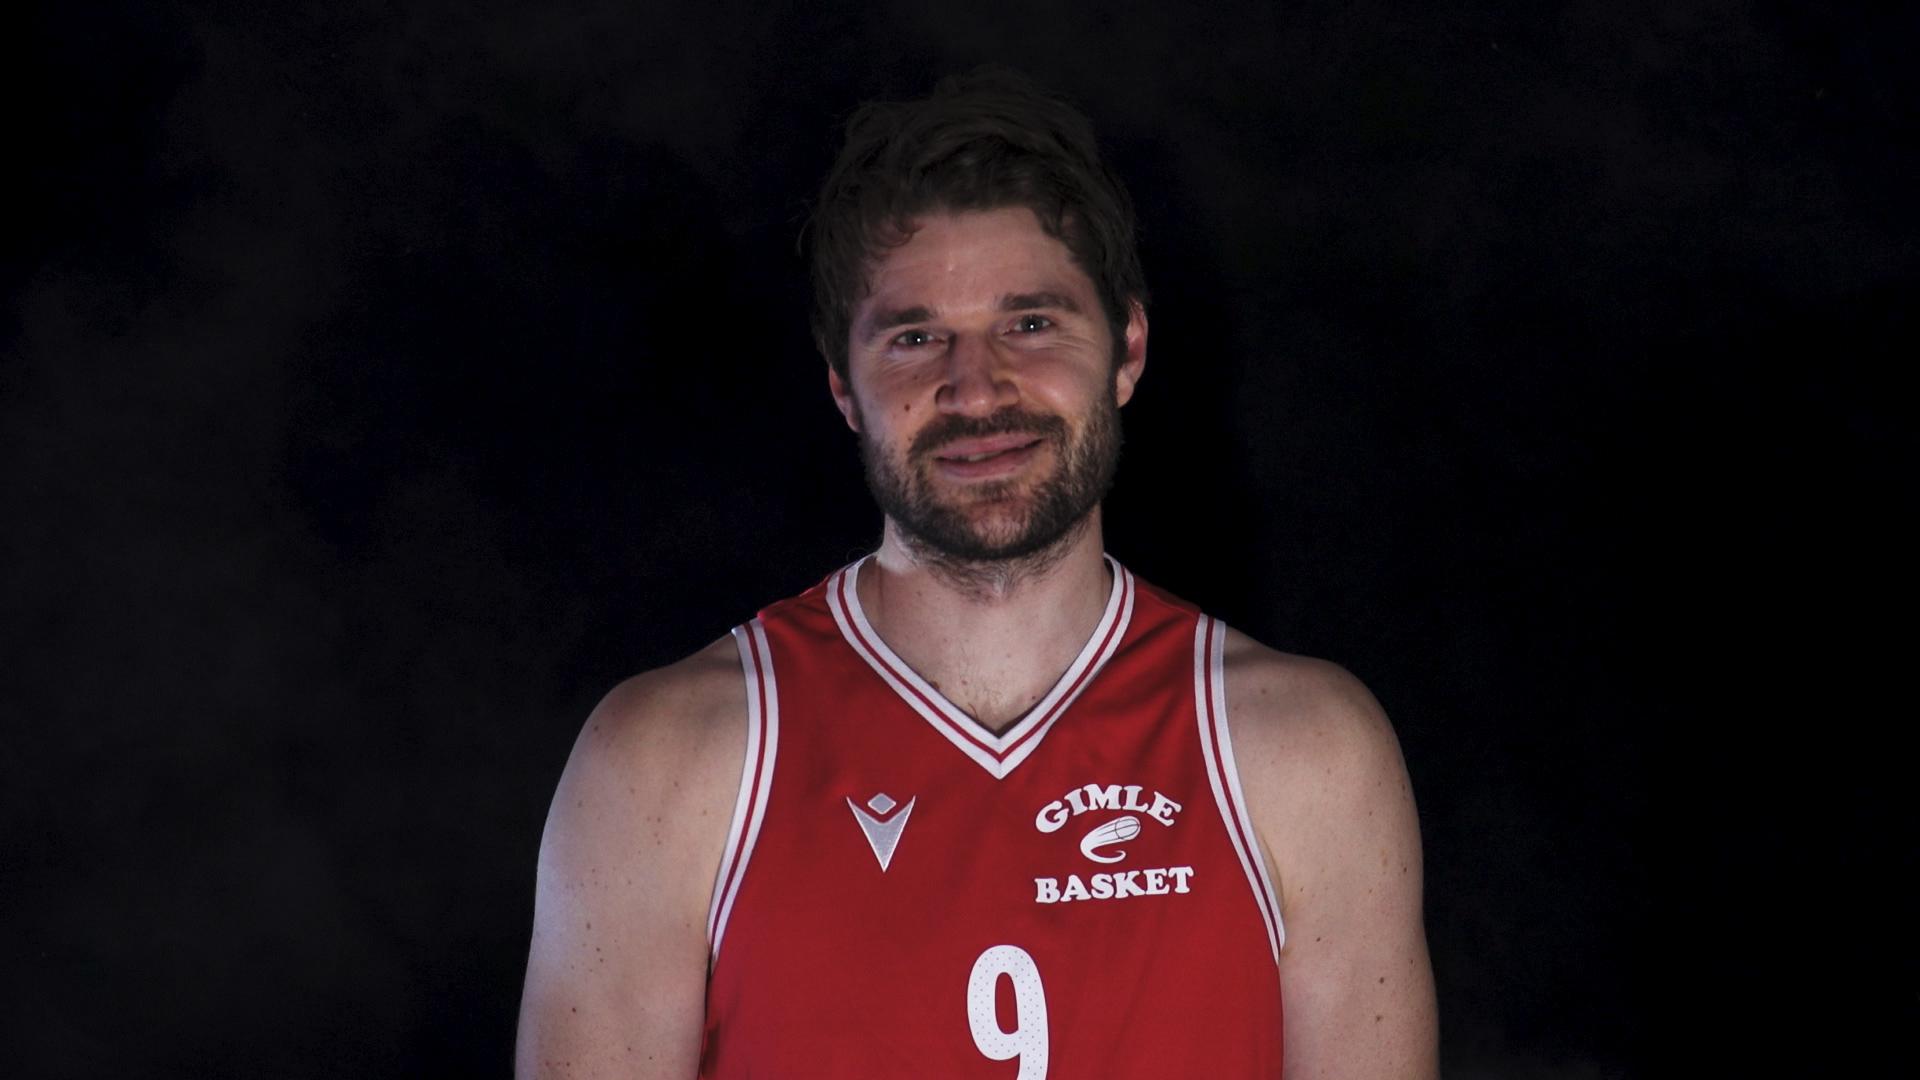 Søren Fjærestad